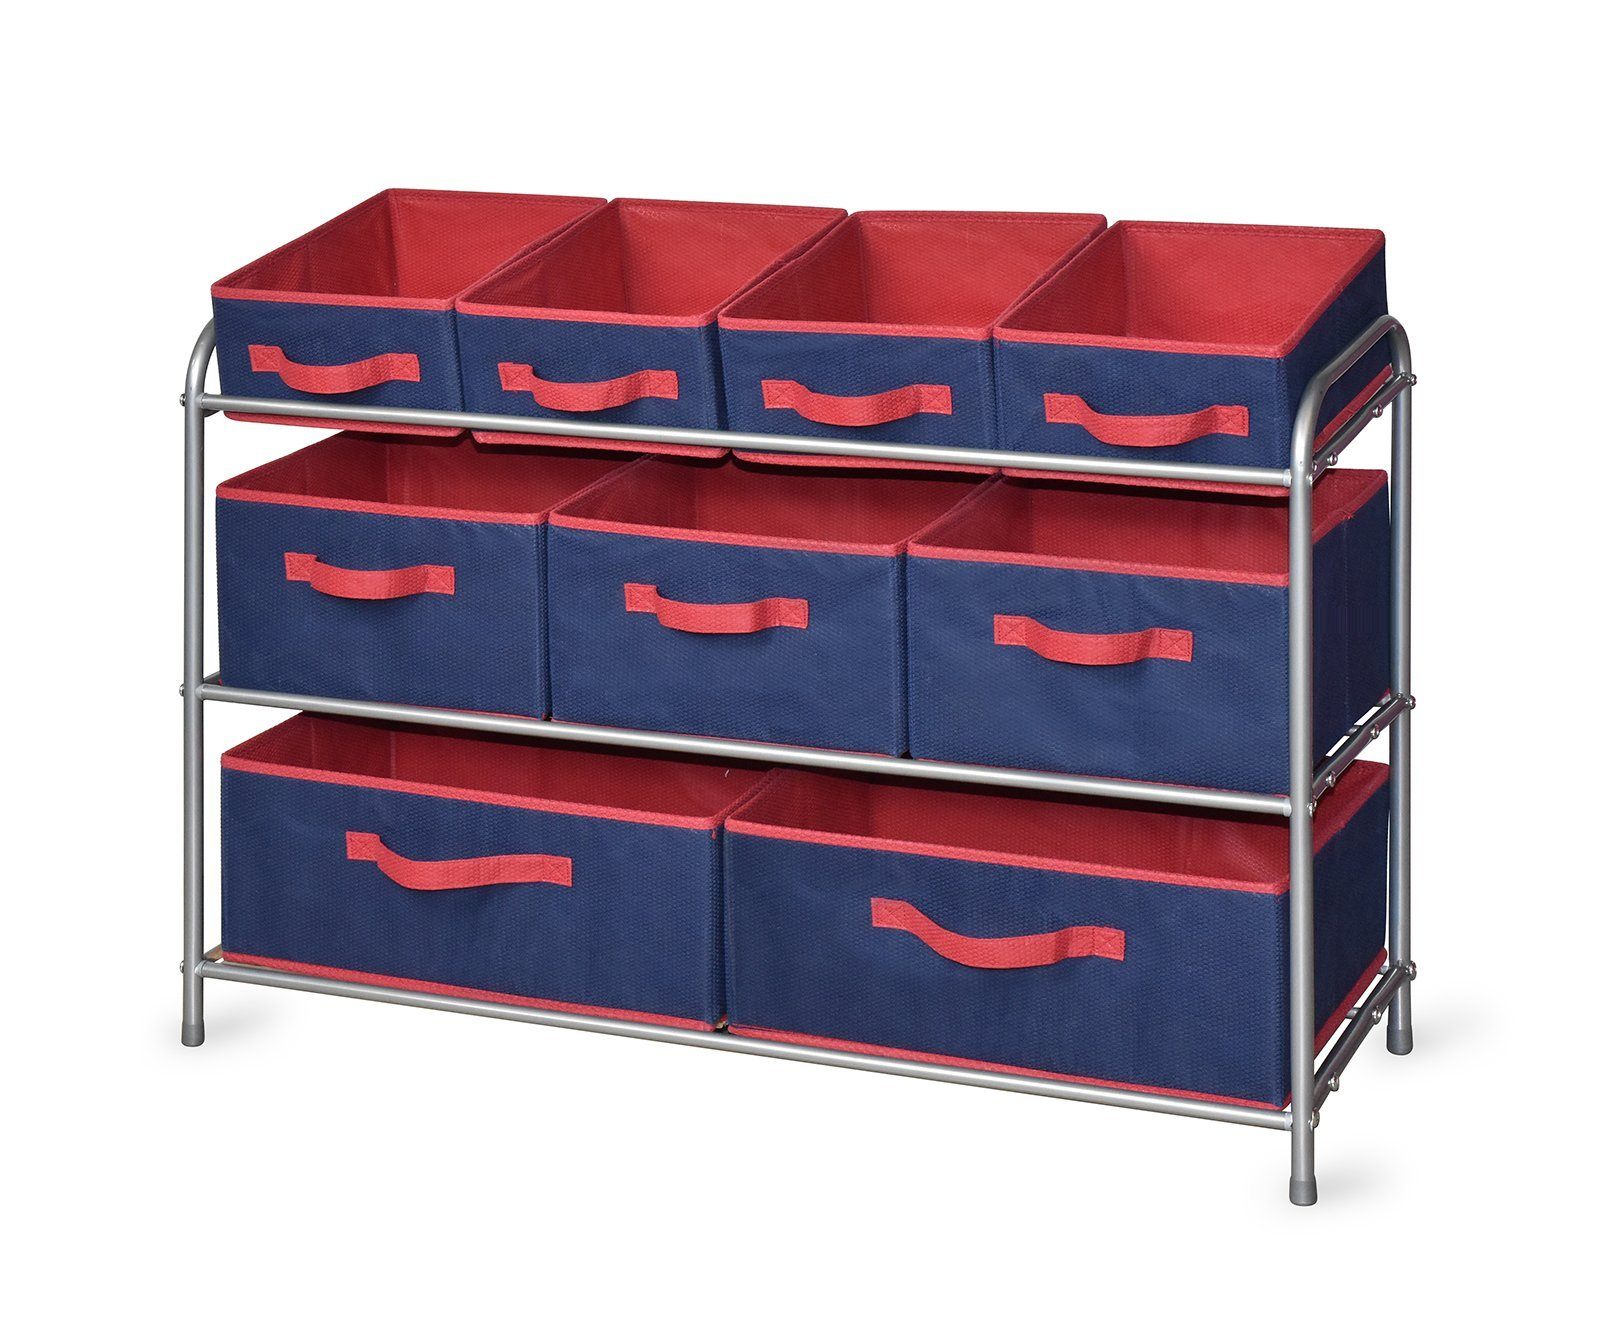 Bintopia 88841 Storage Rack, Navy/Red